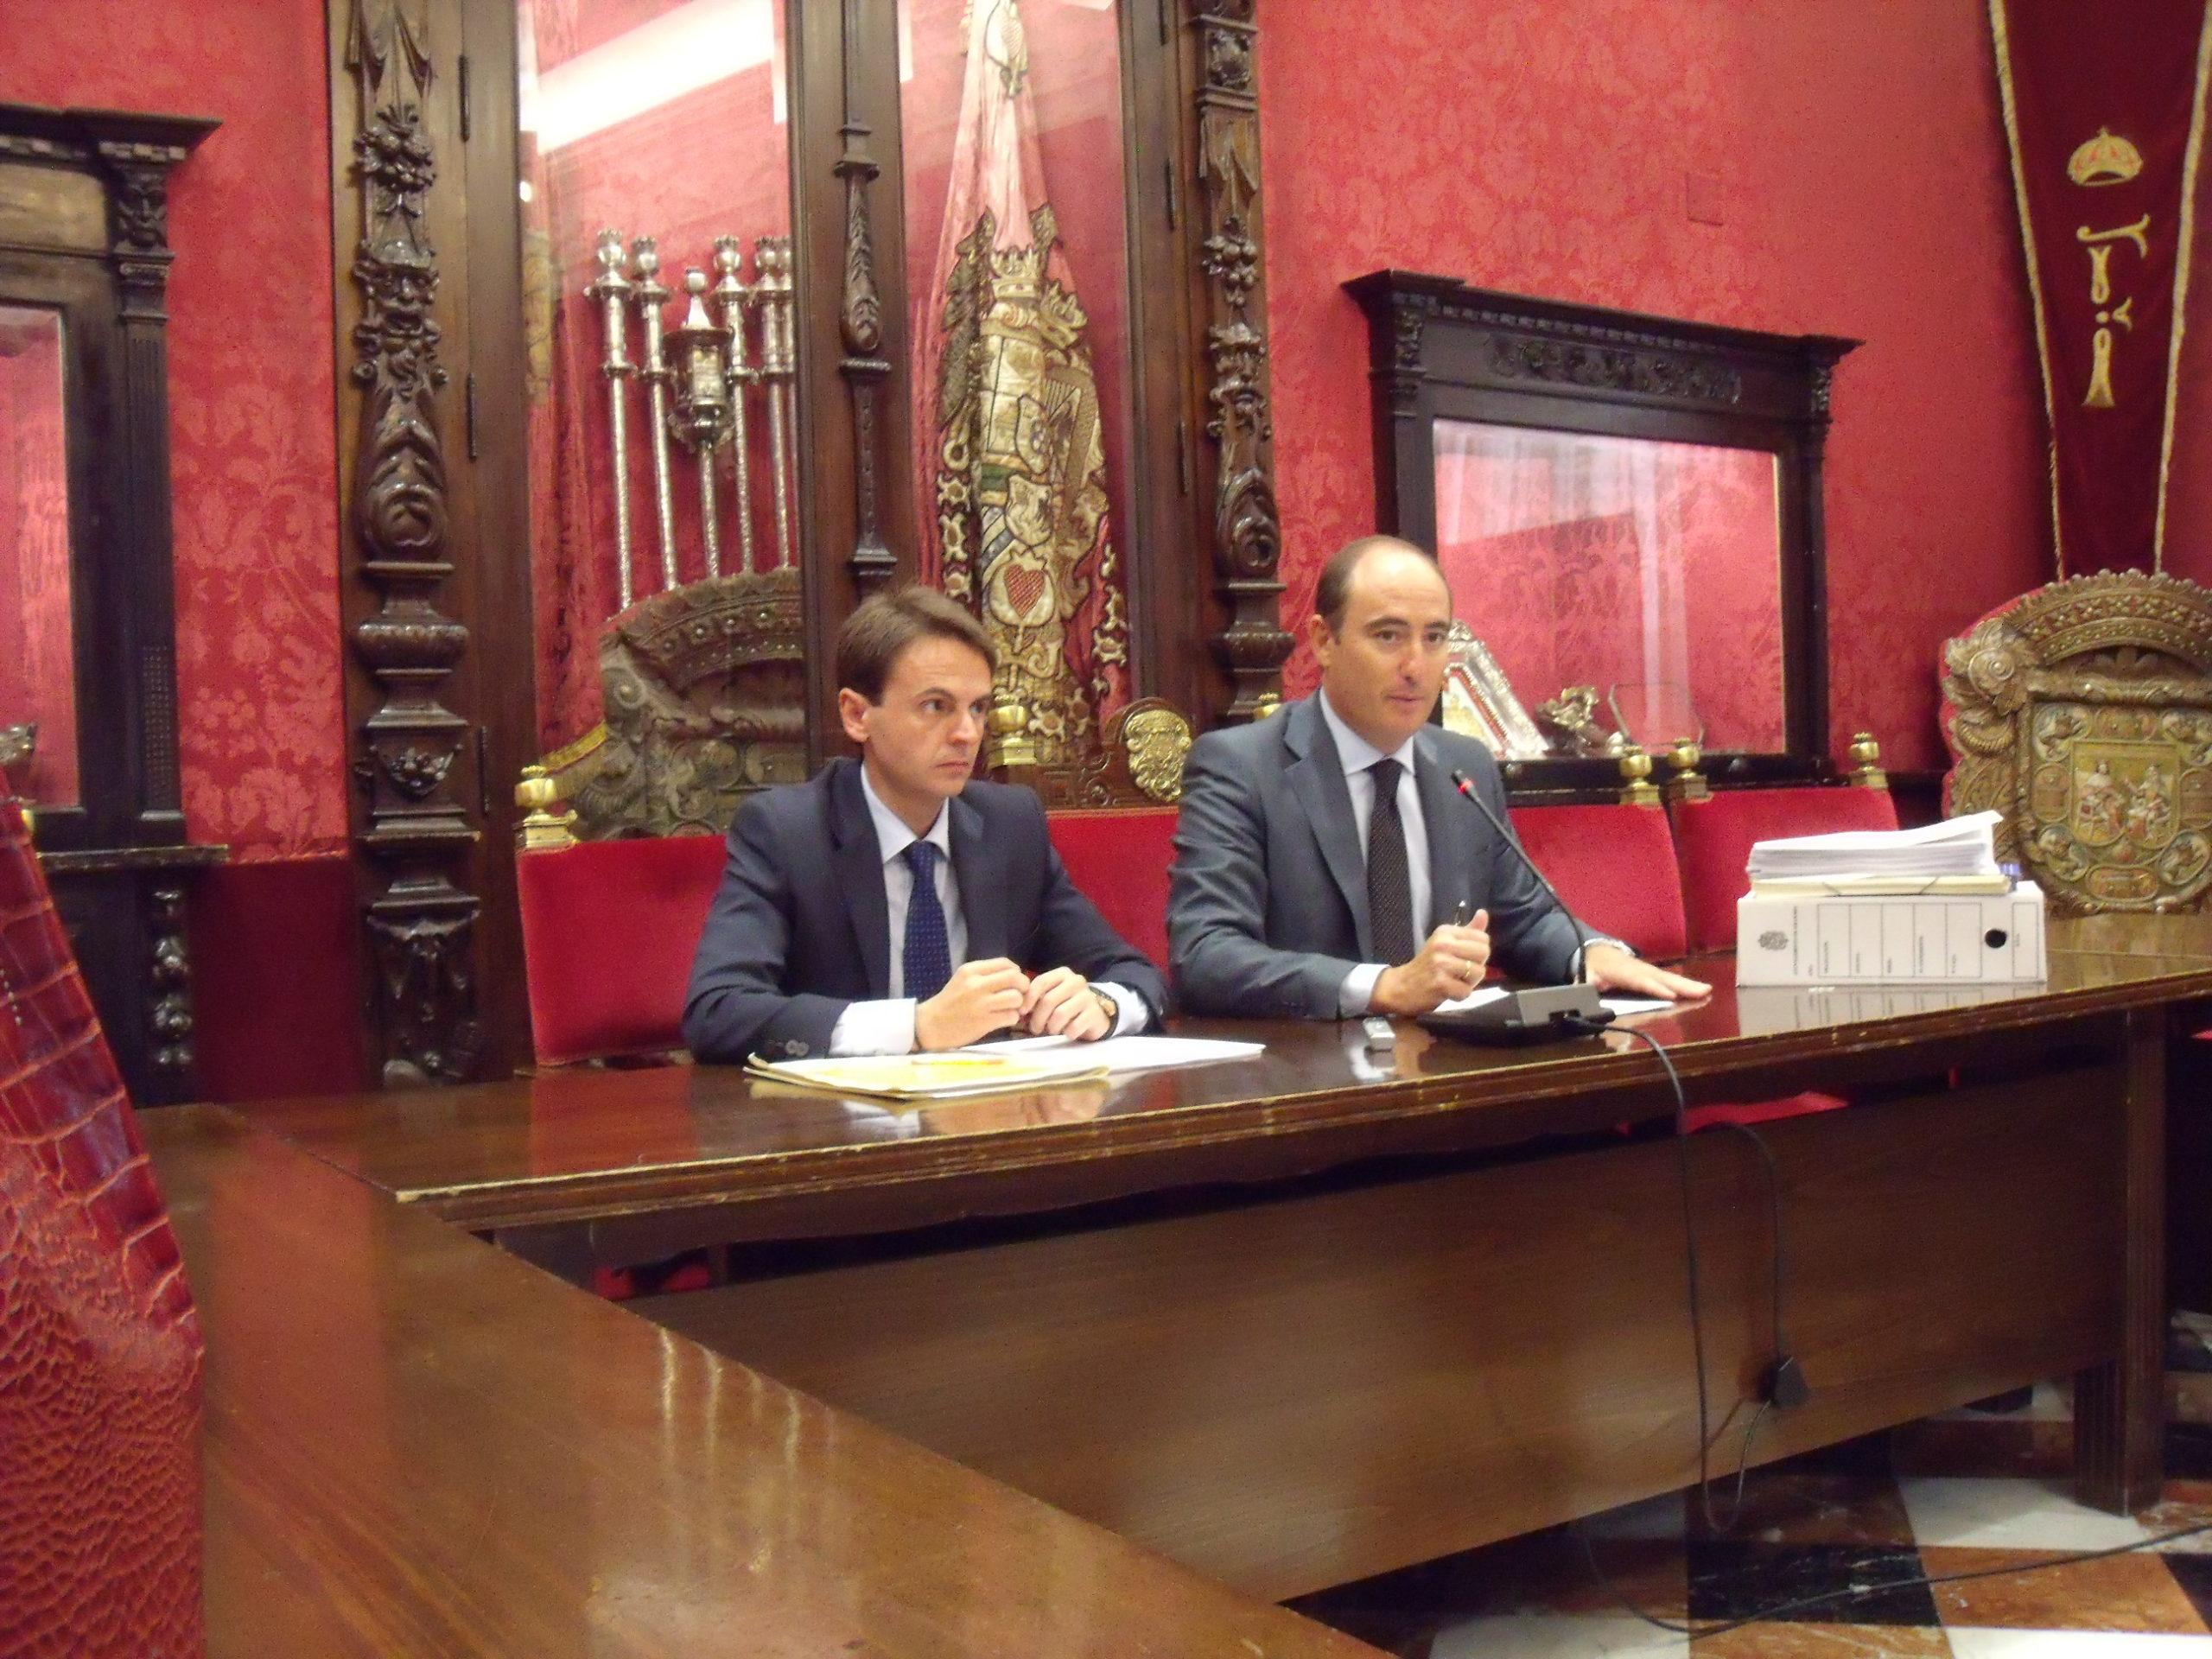 Fuentes y García Montero